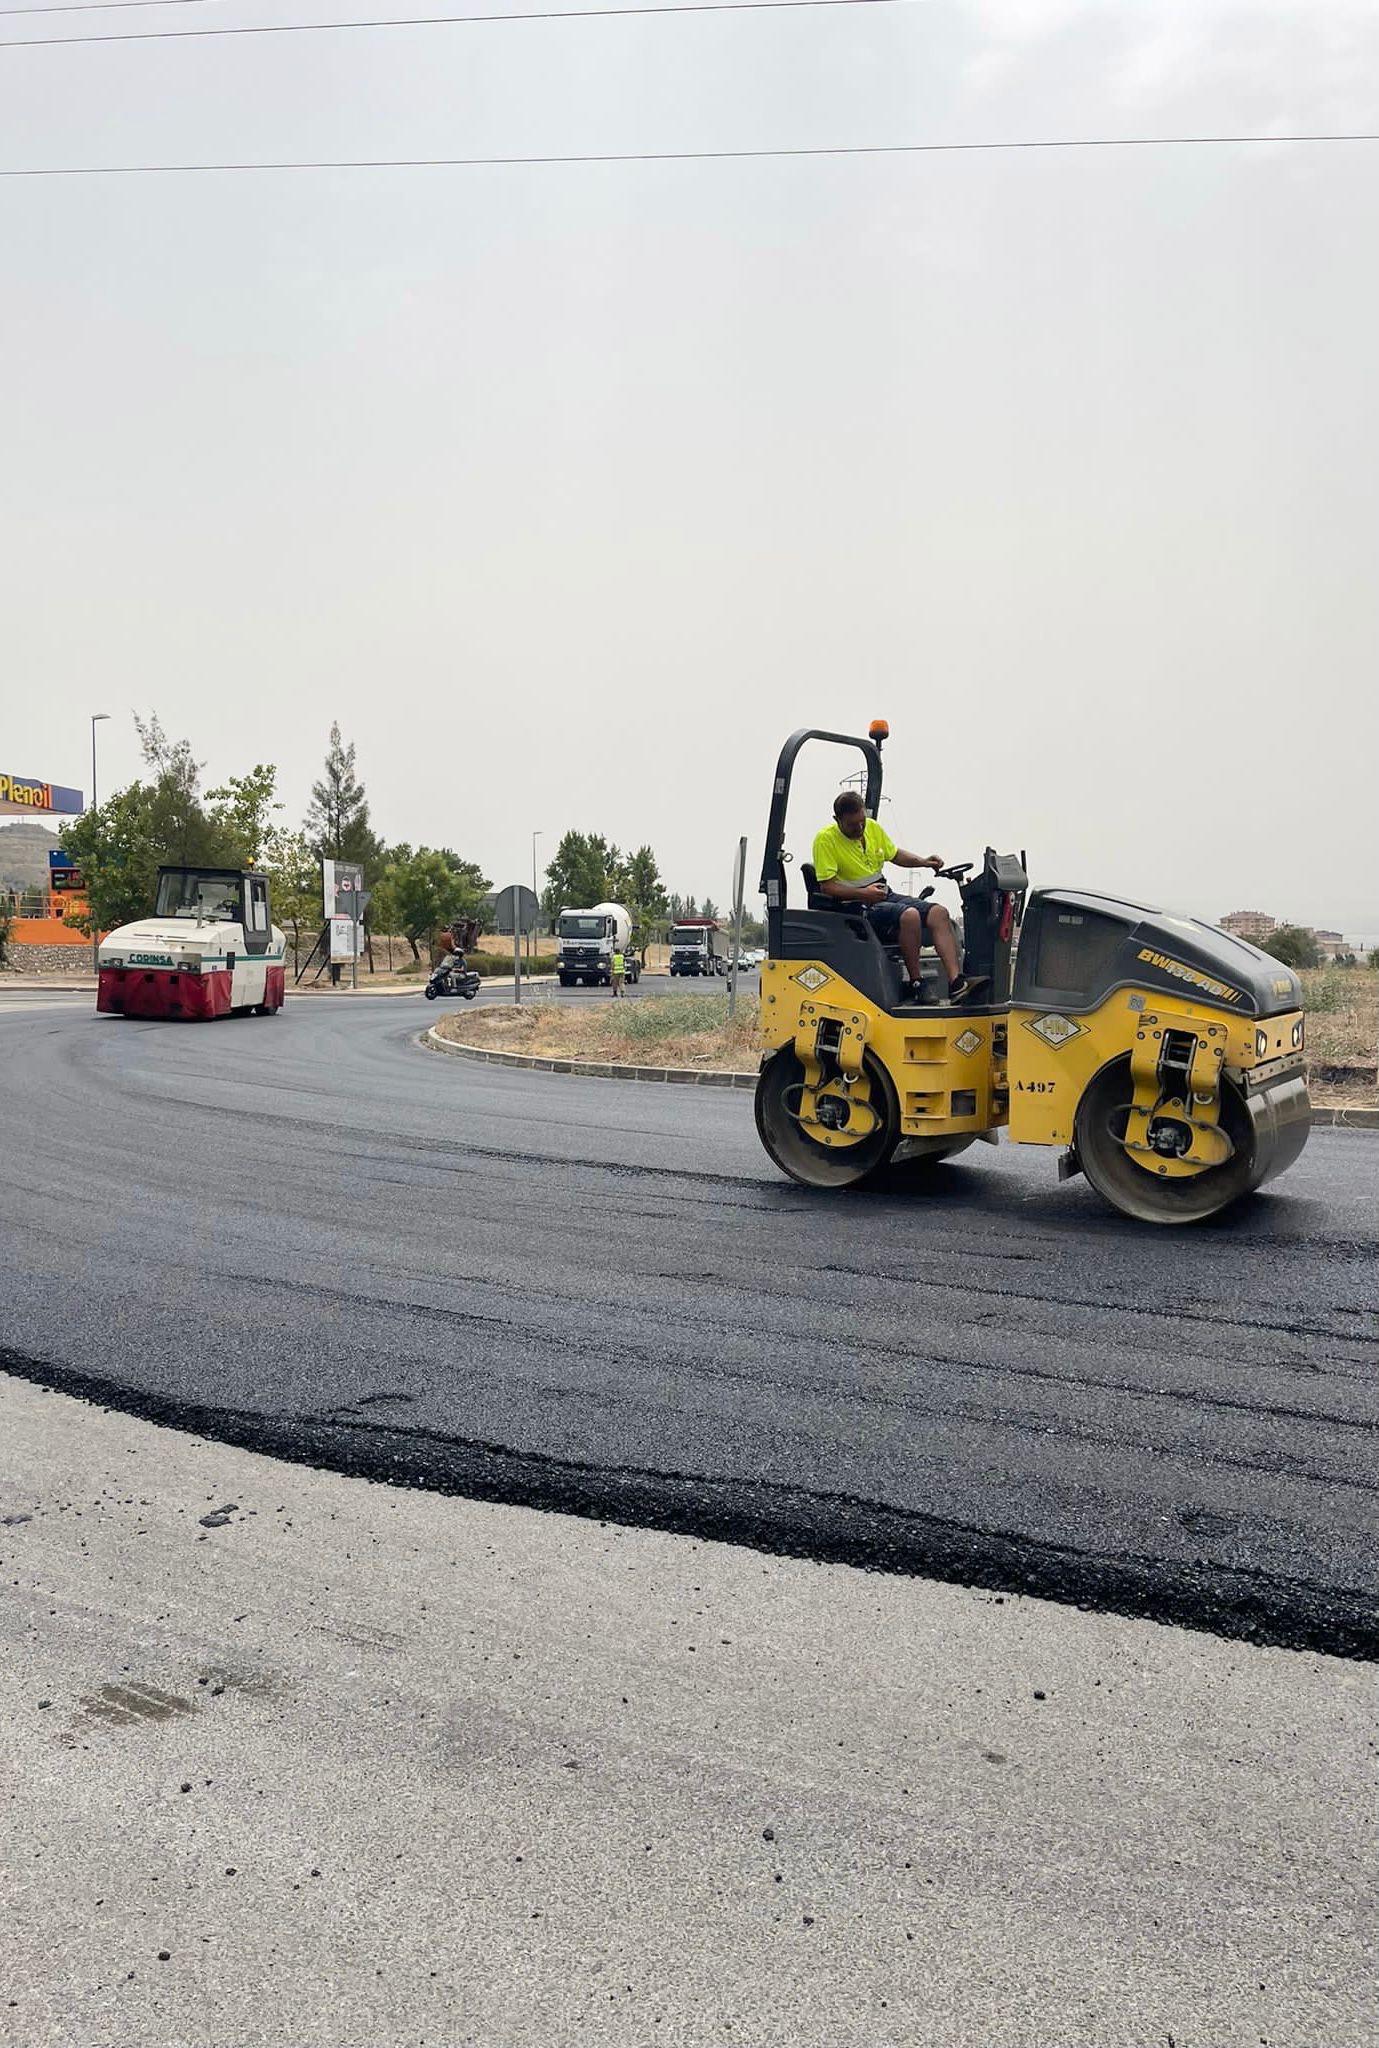 Invierten 360.000 euros en el asfaltado y mejora de la carretera de Alfacar